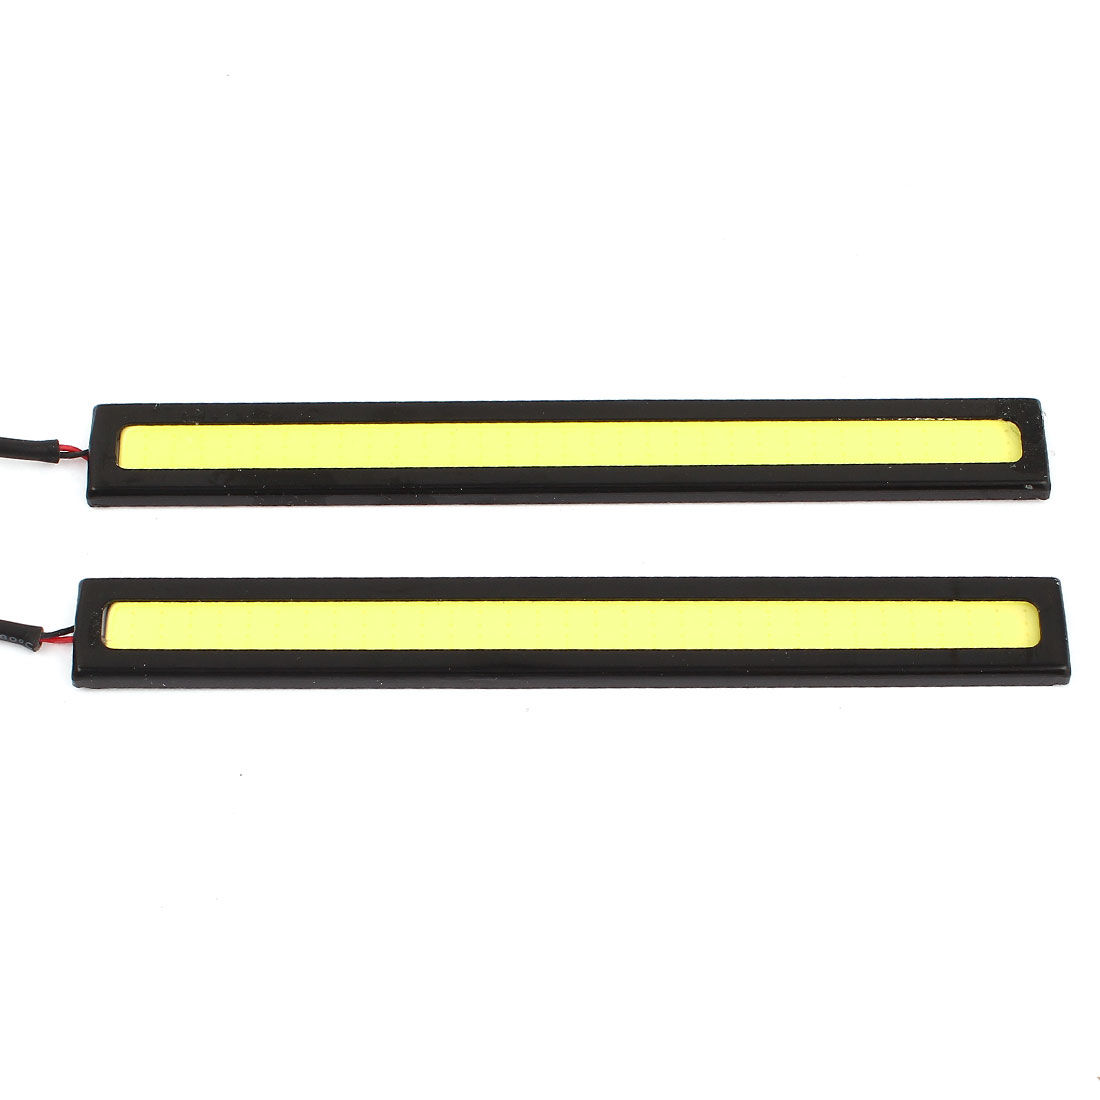 2 Pcs 64 LED COB Black Case Car DRL Driving Daytime Running Light White 14cm